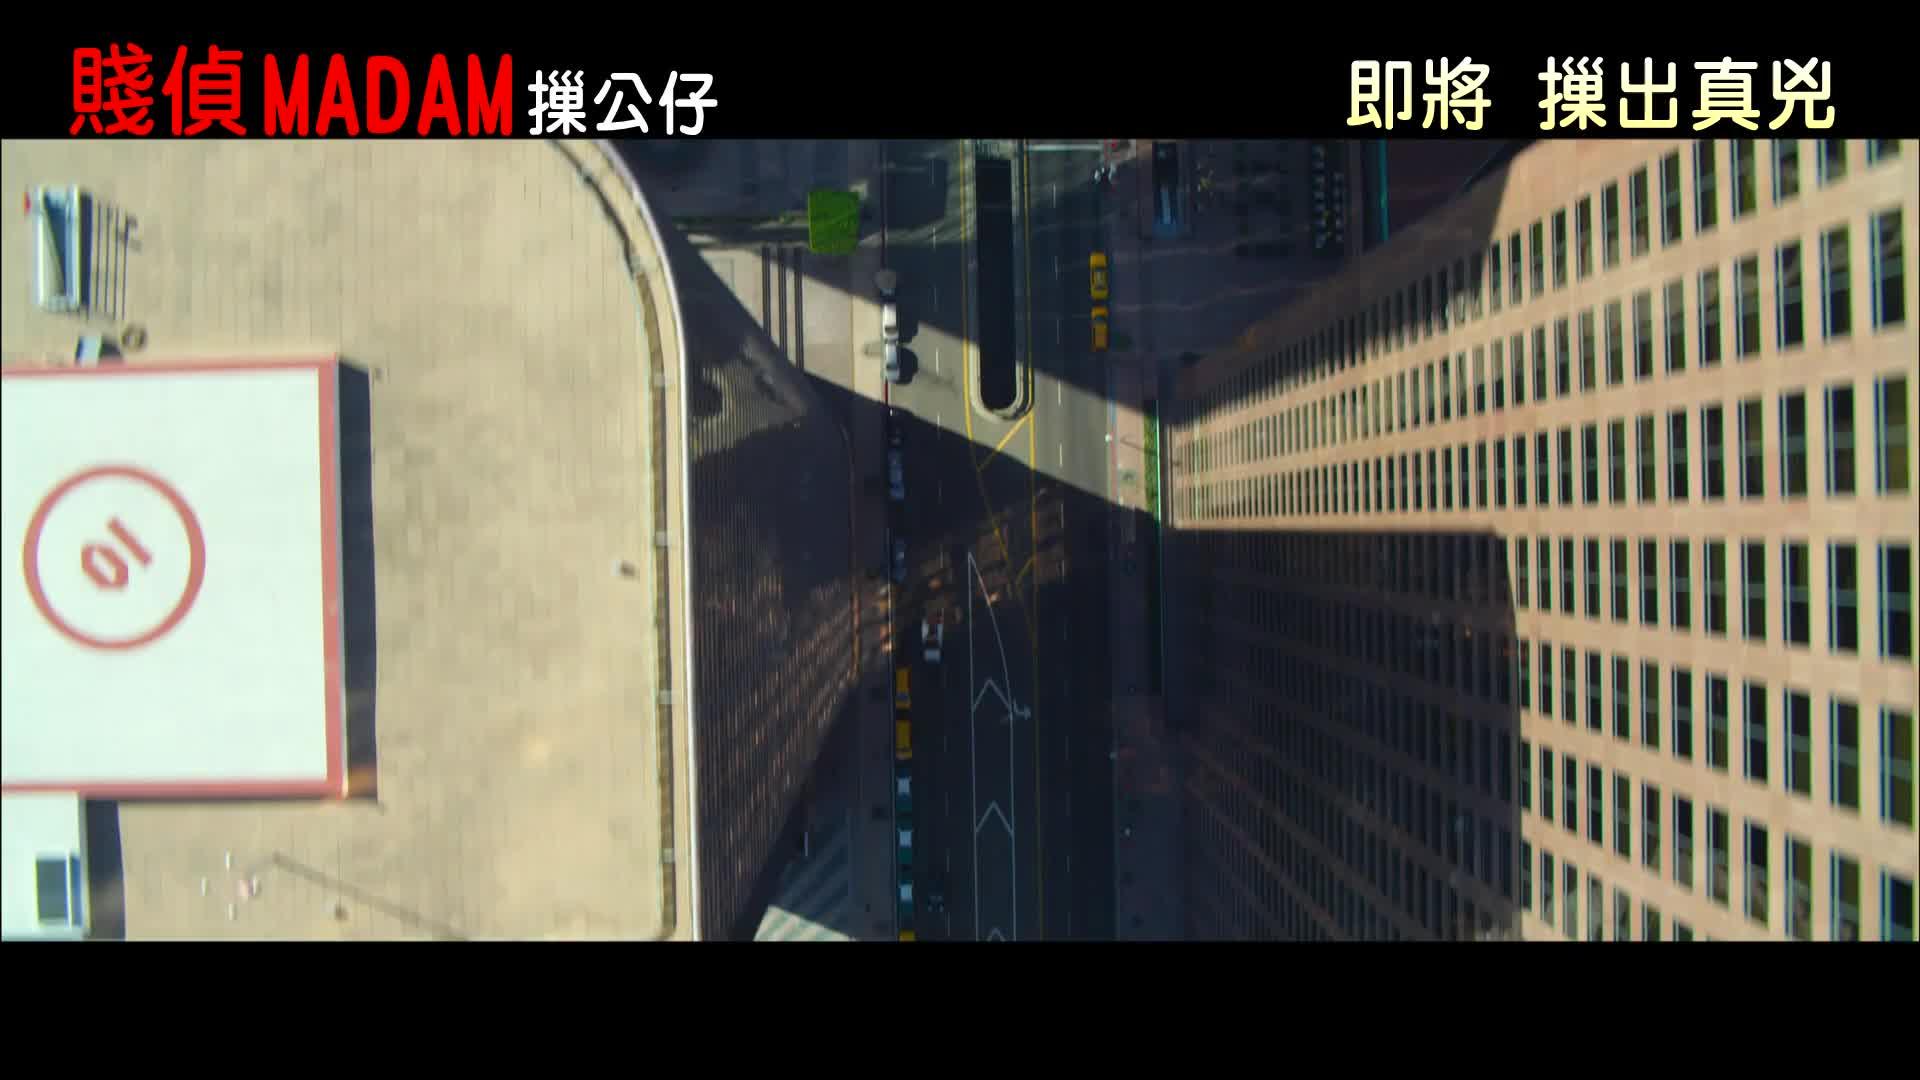 《賤偵MADAM摷公仔》香港版預告